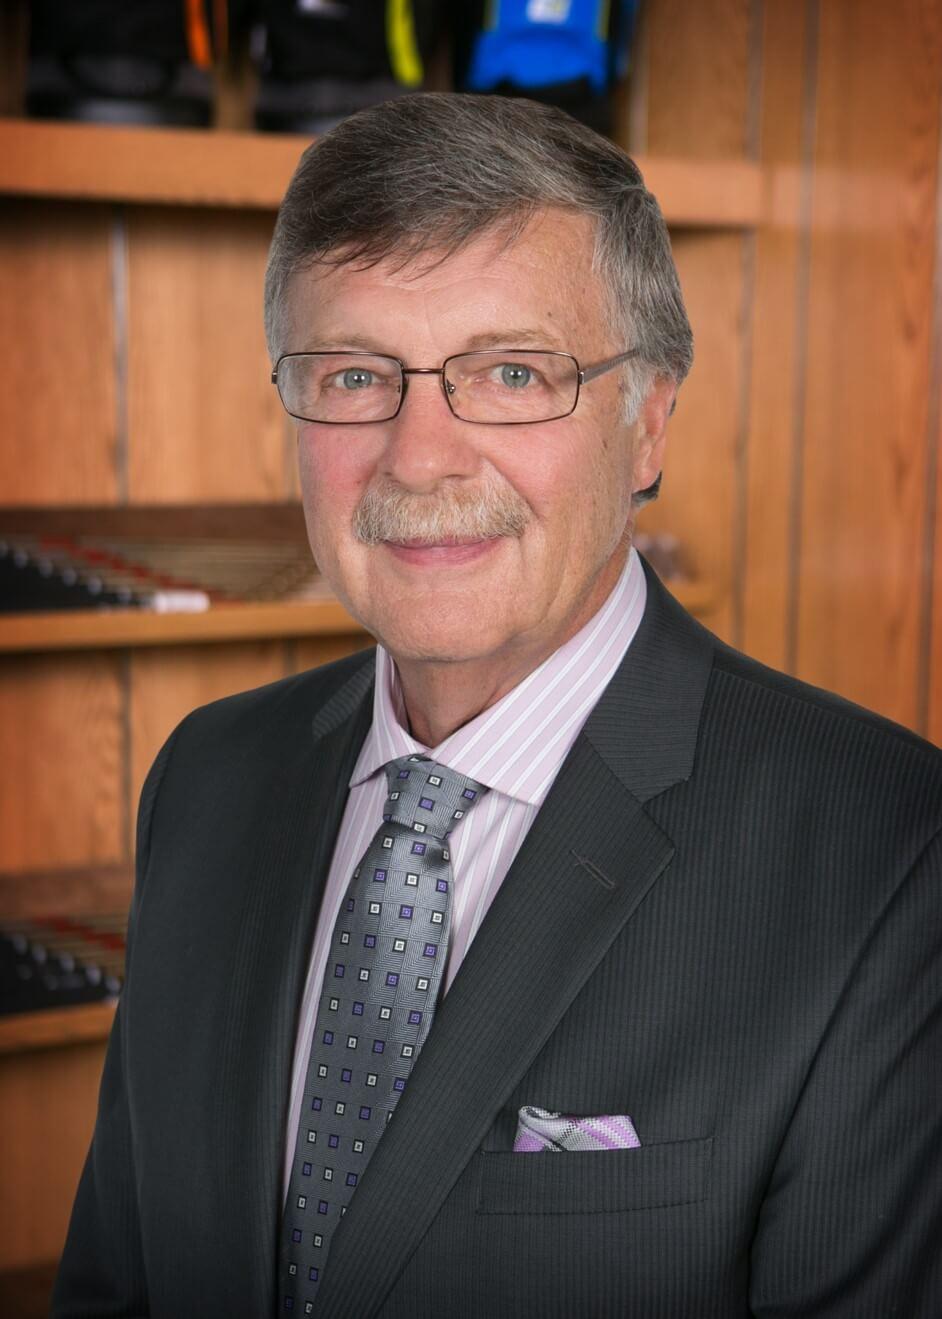 Alan Skoreyko